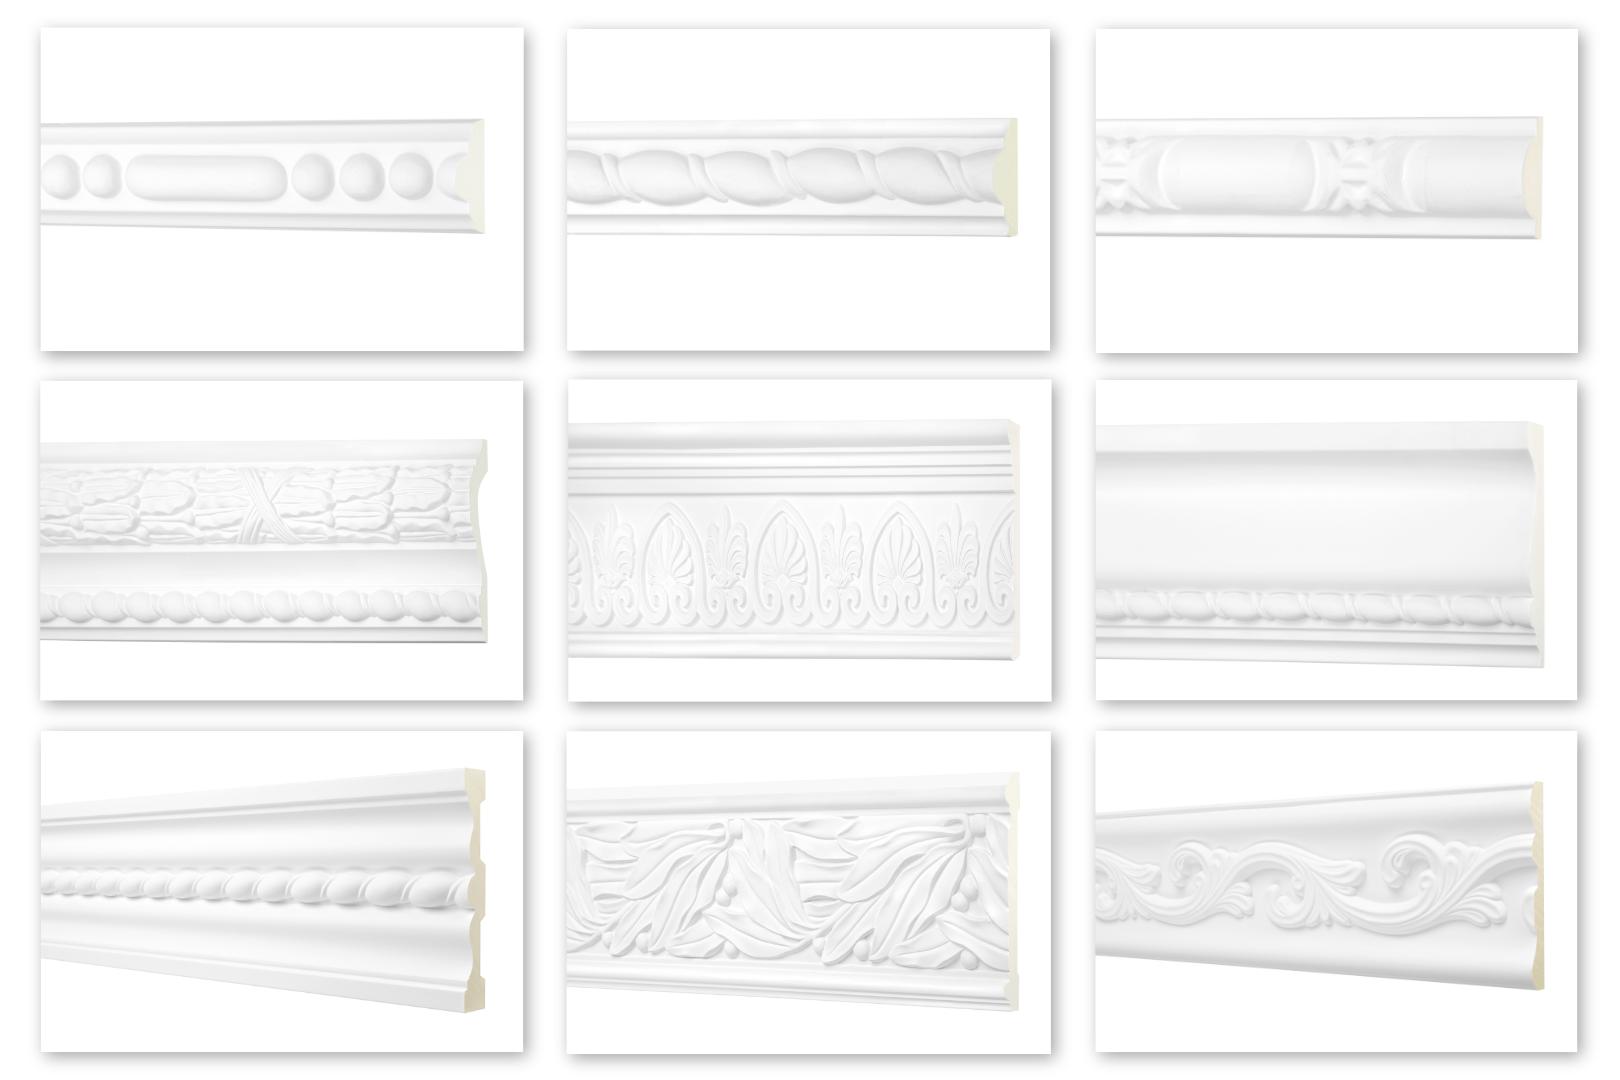 Sockelleisten und Zubeh/ör 60x26 mm Endkappe rechts EKR.8629 integrierter Kabelkanal Kunststoff Fu/ßleisten PVC Moderne Laminatleiste riesige Auswahl